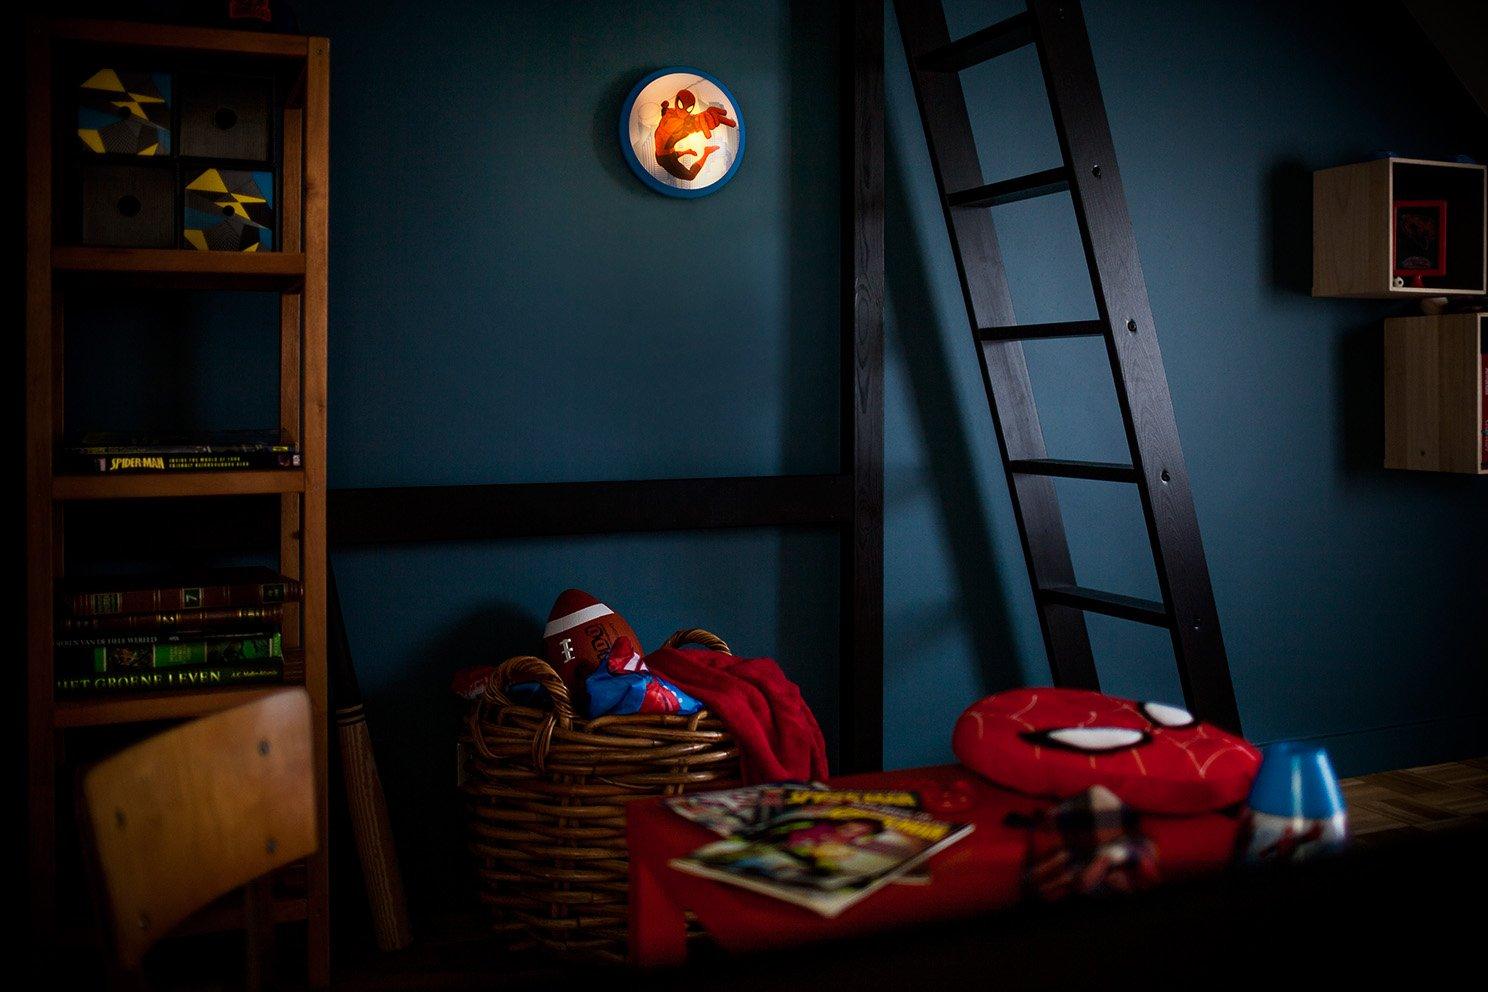 Philips Plafonnier LED Disney Planes Chambre dEnfant Mati/ère Synth/étiques